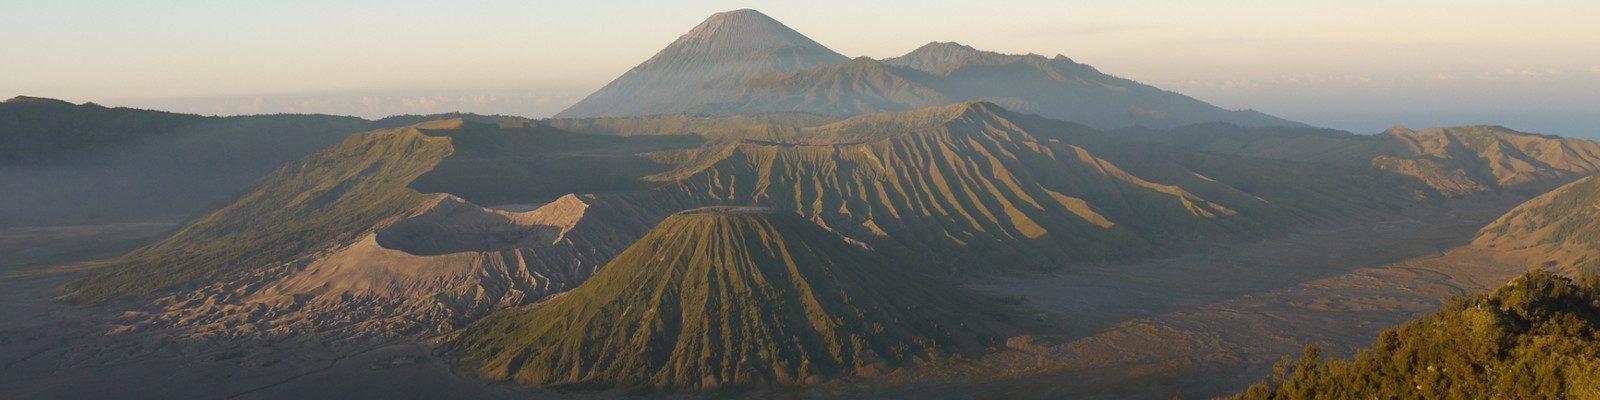 Mont Bromo - Ile de Java - Indonésie - 2012